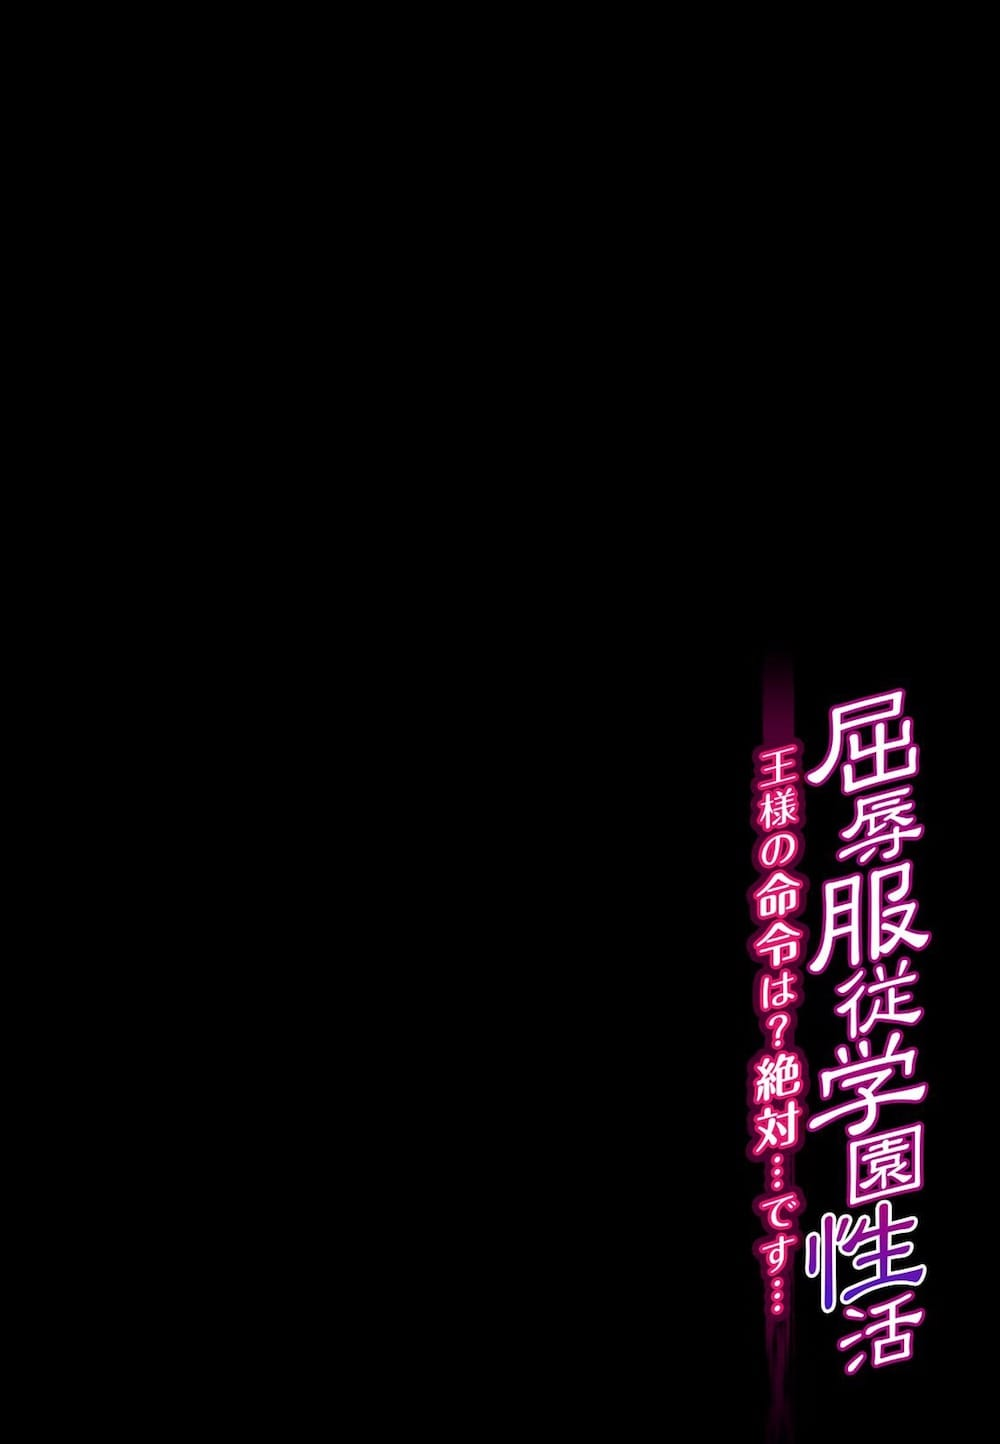 【長編エロ漫画・第2話】学園の王様となったいじめられっ子!初恋の幼馴染JKが彼氏と体育倉庫でSEX!寝取らせ奪おうとするが失敗!キモ男たちと輪姦し3穴レイプ!【ぱららん】